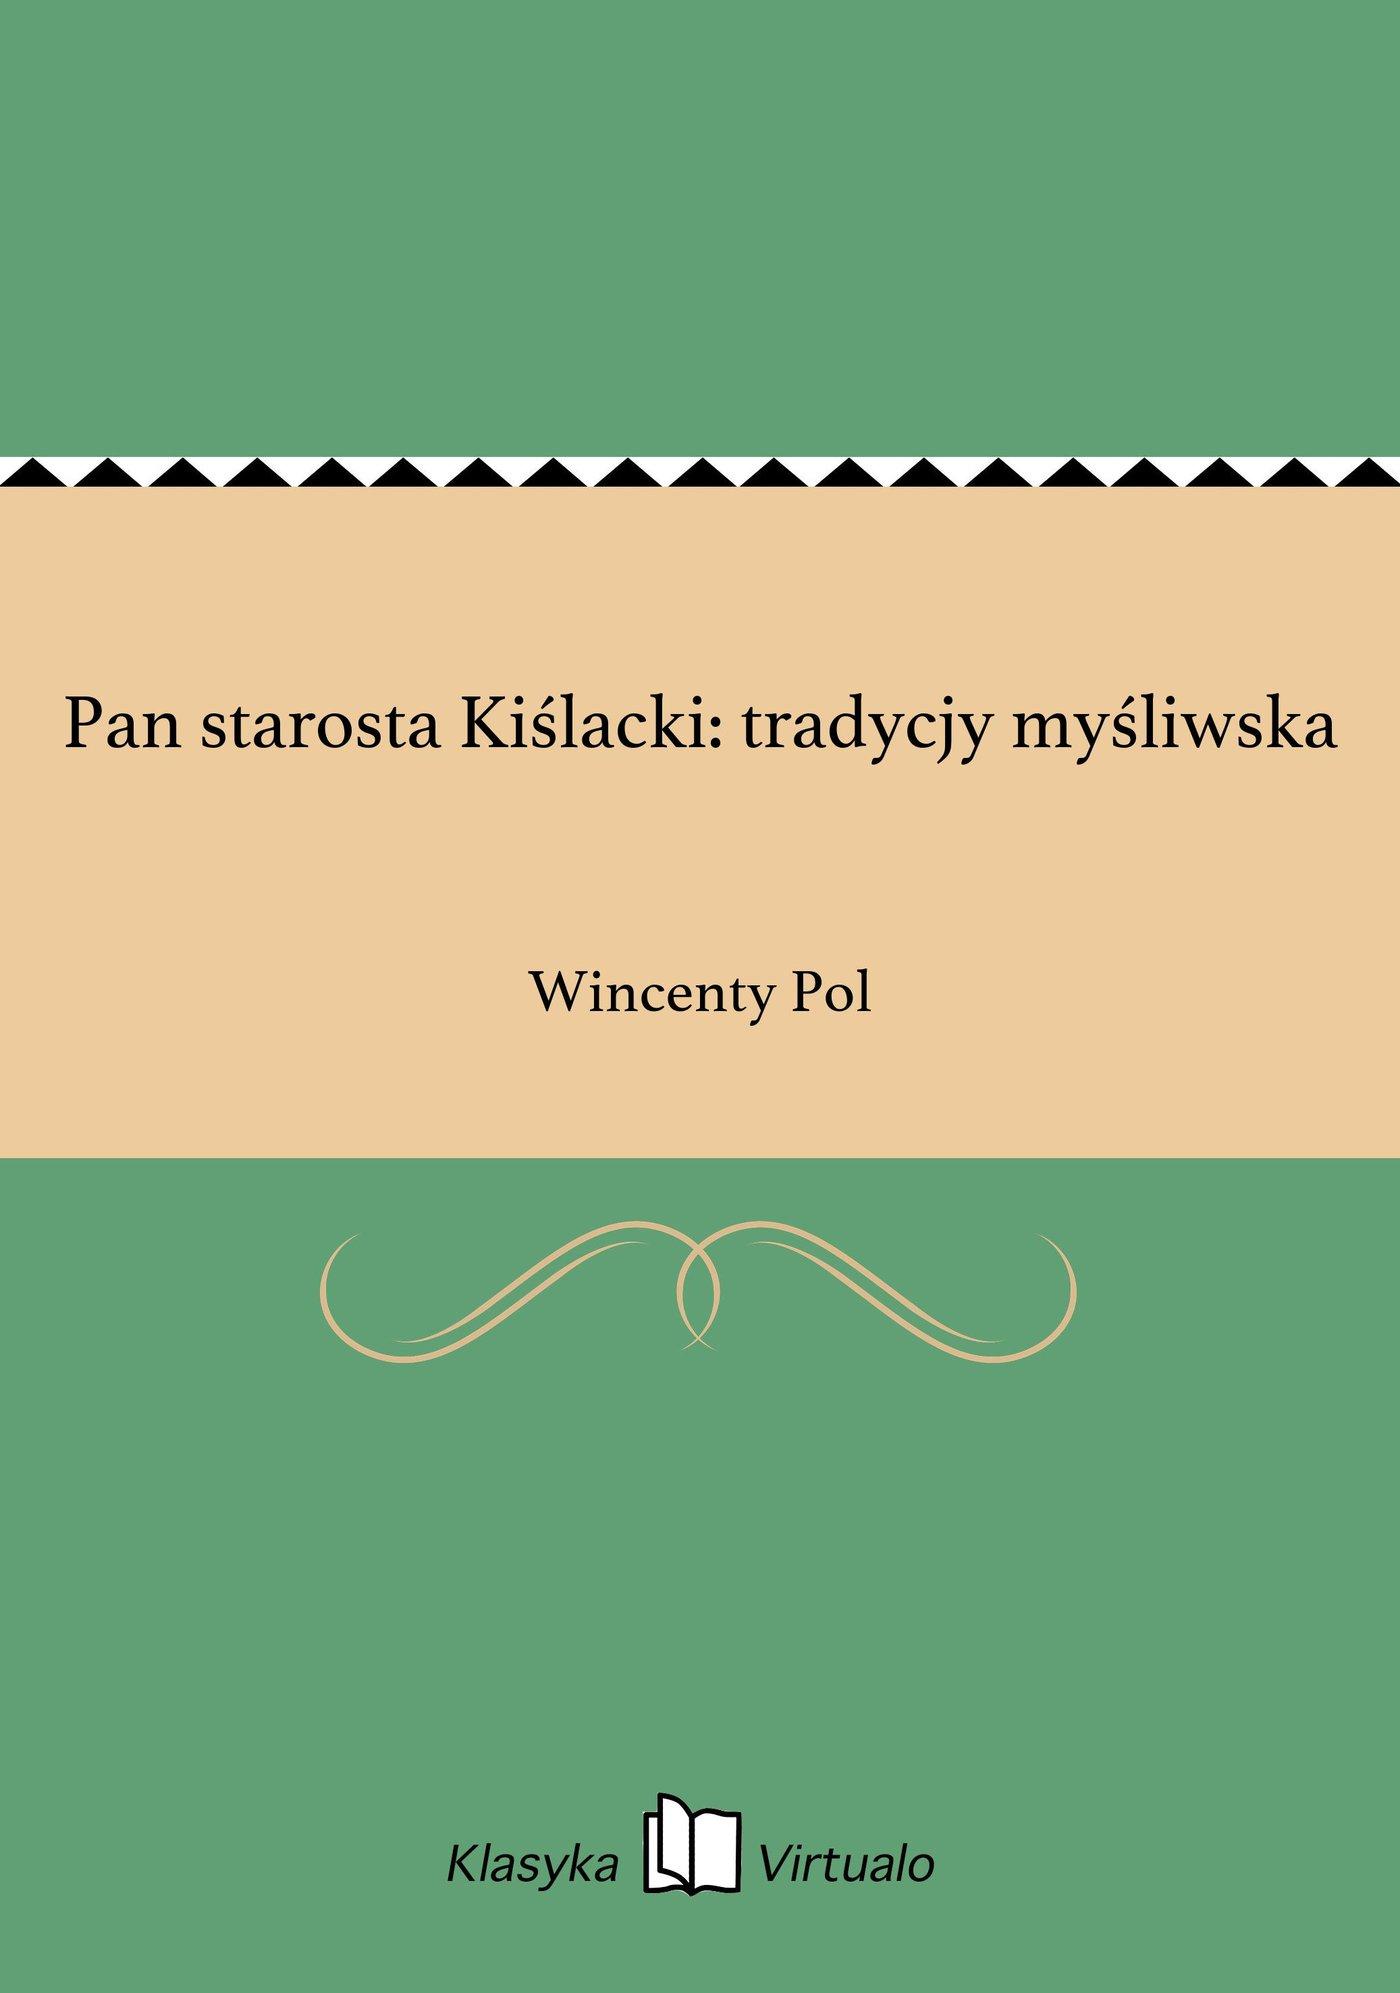 Pan starosta Kiślacki: tradycjy myśliwska - Ebook (Książka na Kindle) do pobrania w formacie MOBI